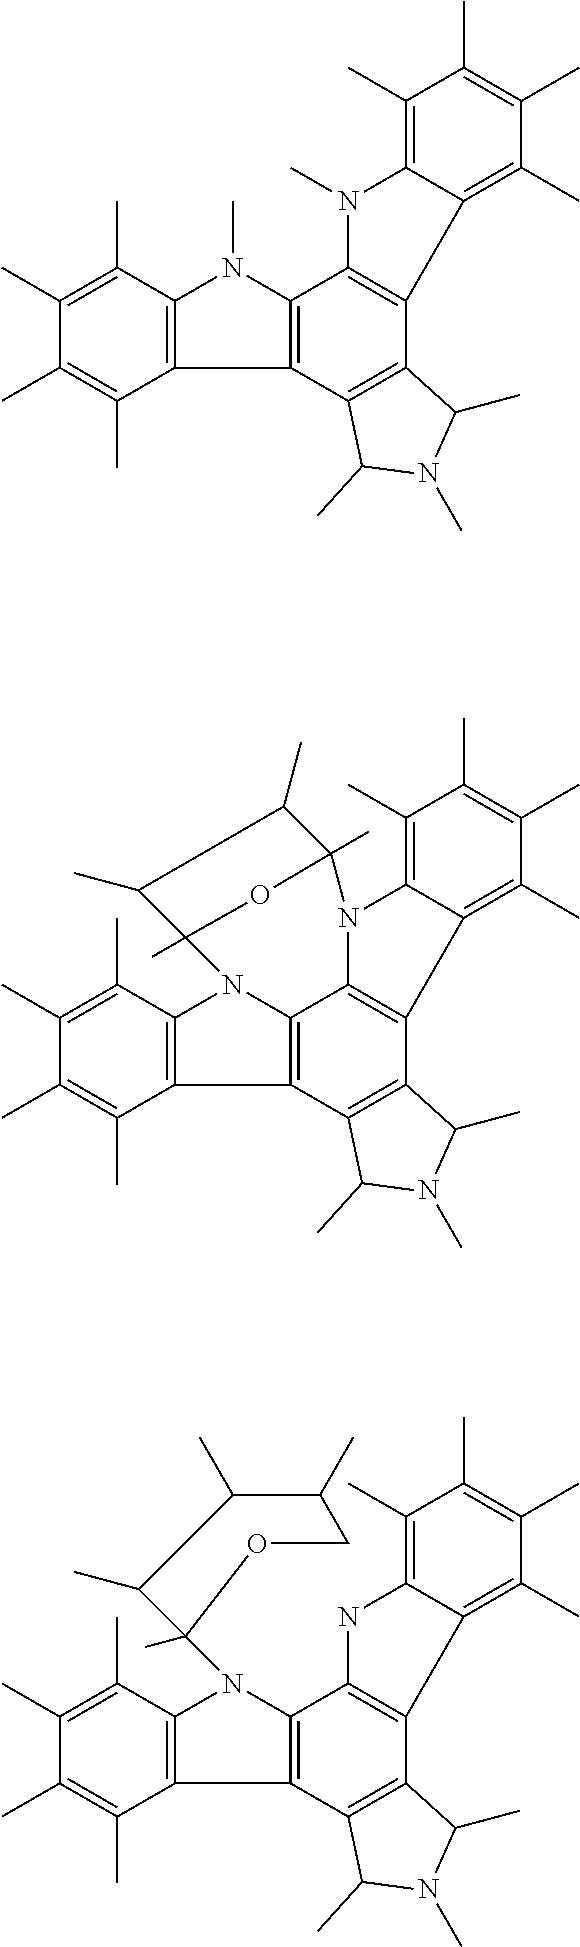 Figure US09314551-20160419-C00002